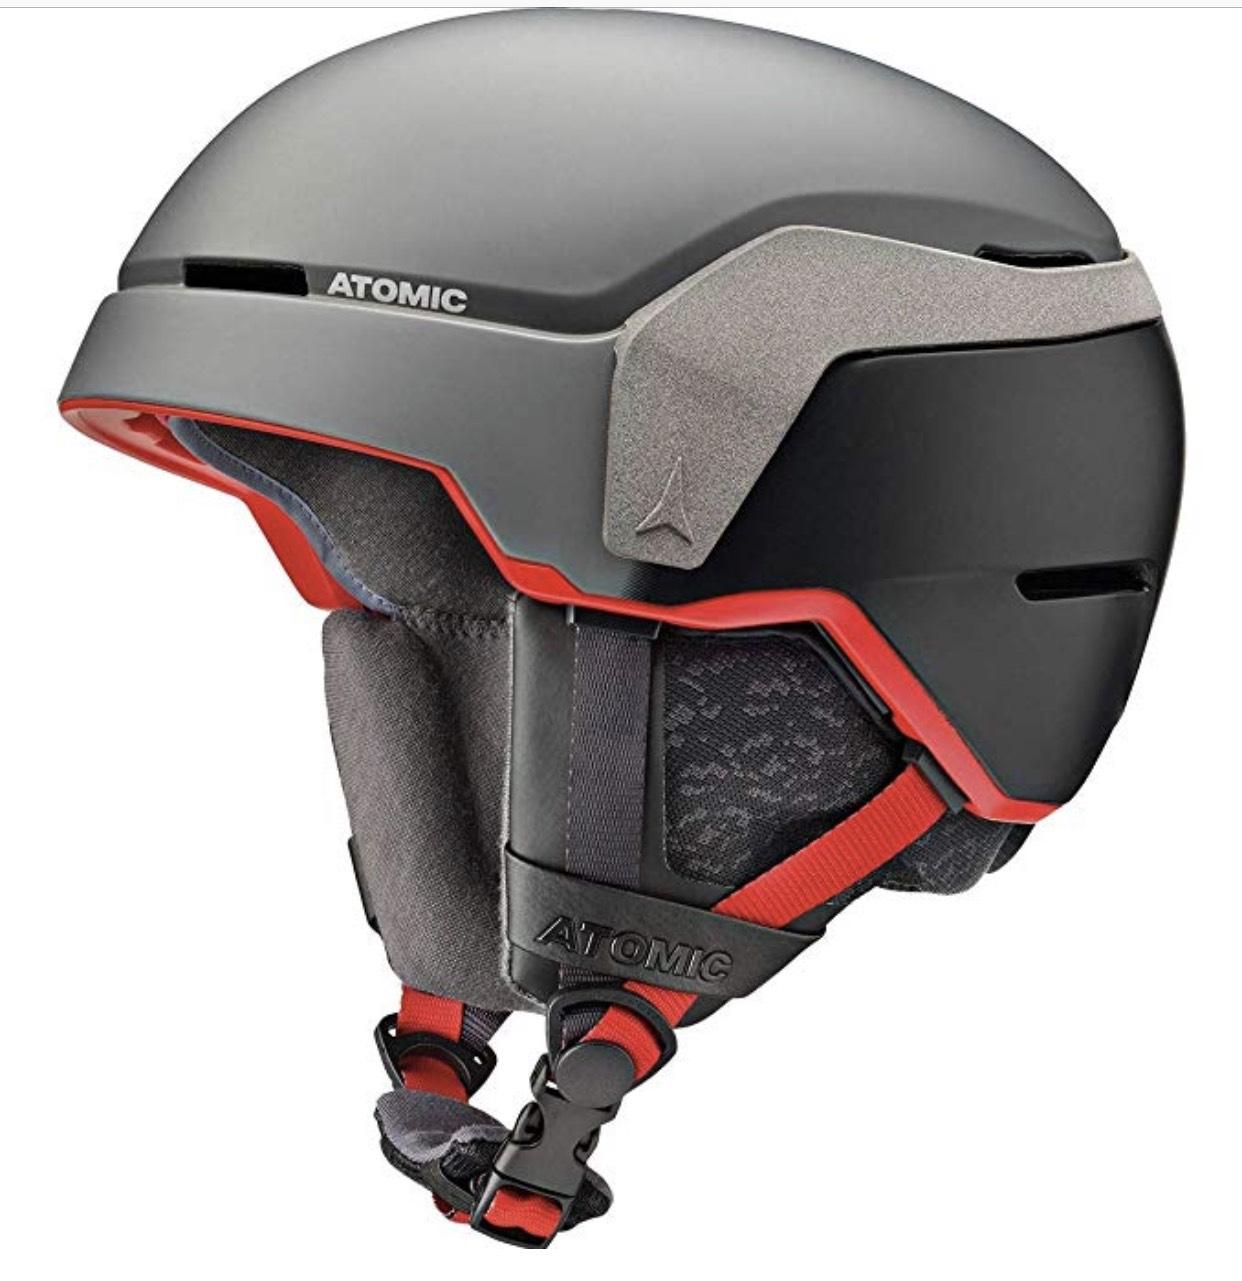 ATOMIC Count XTD Ski Helm Größe: 59-63 um 32,36